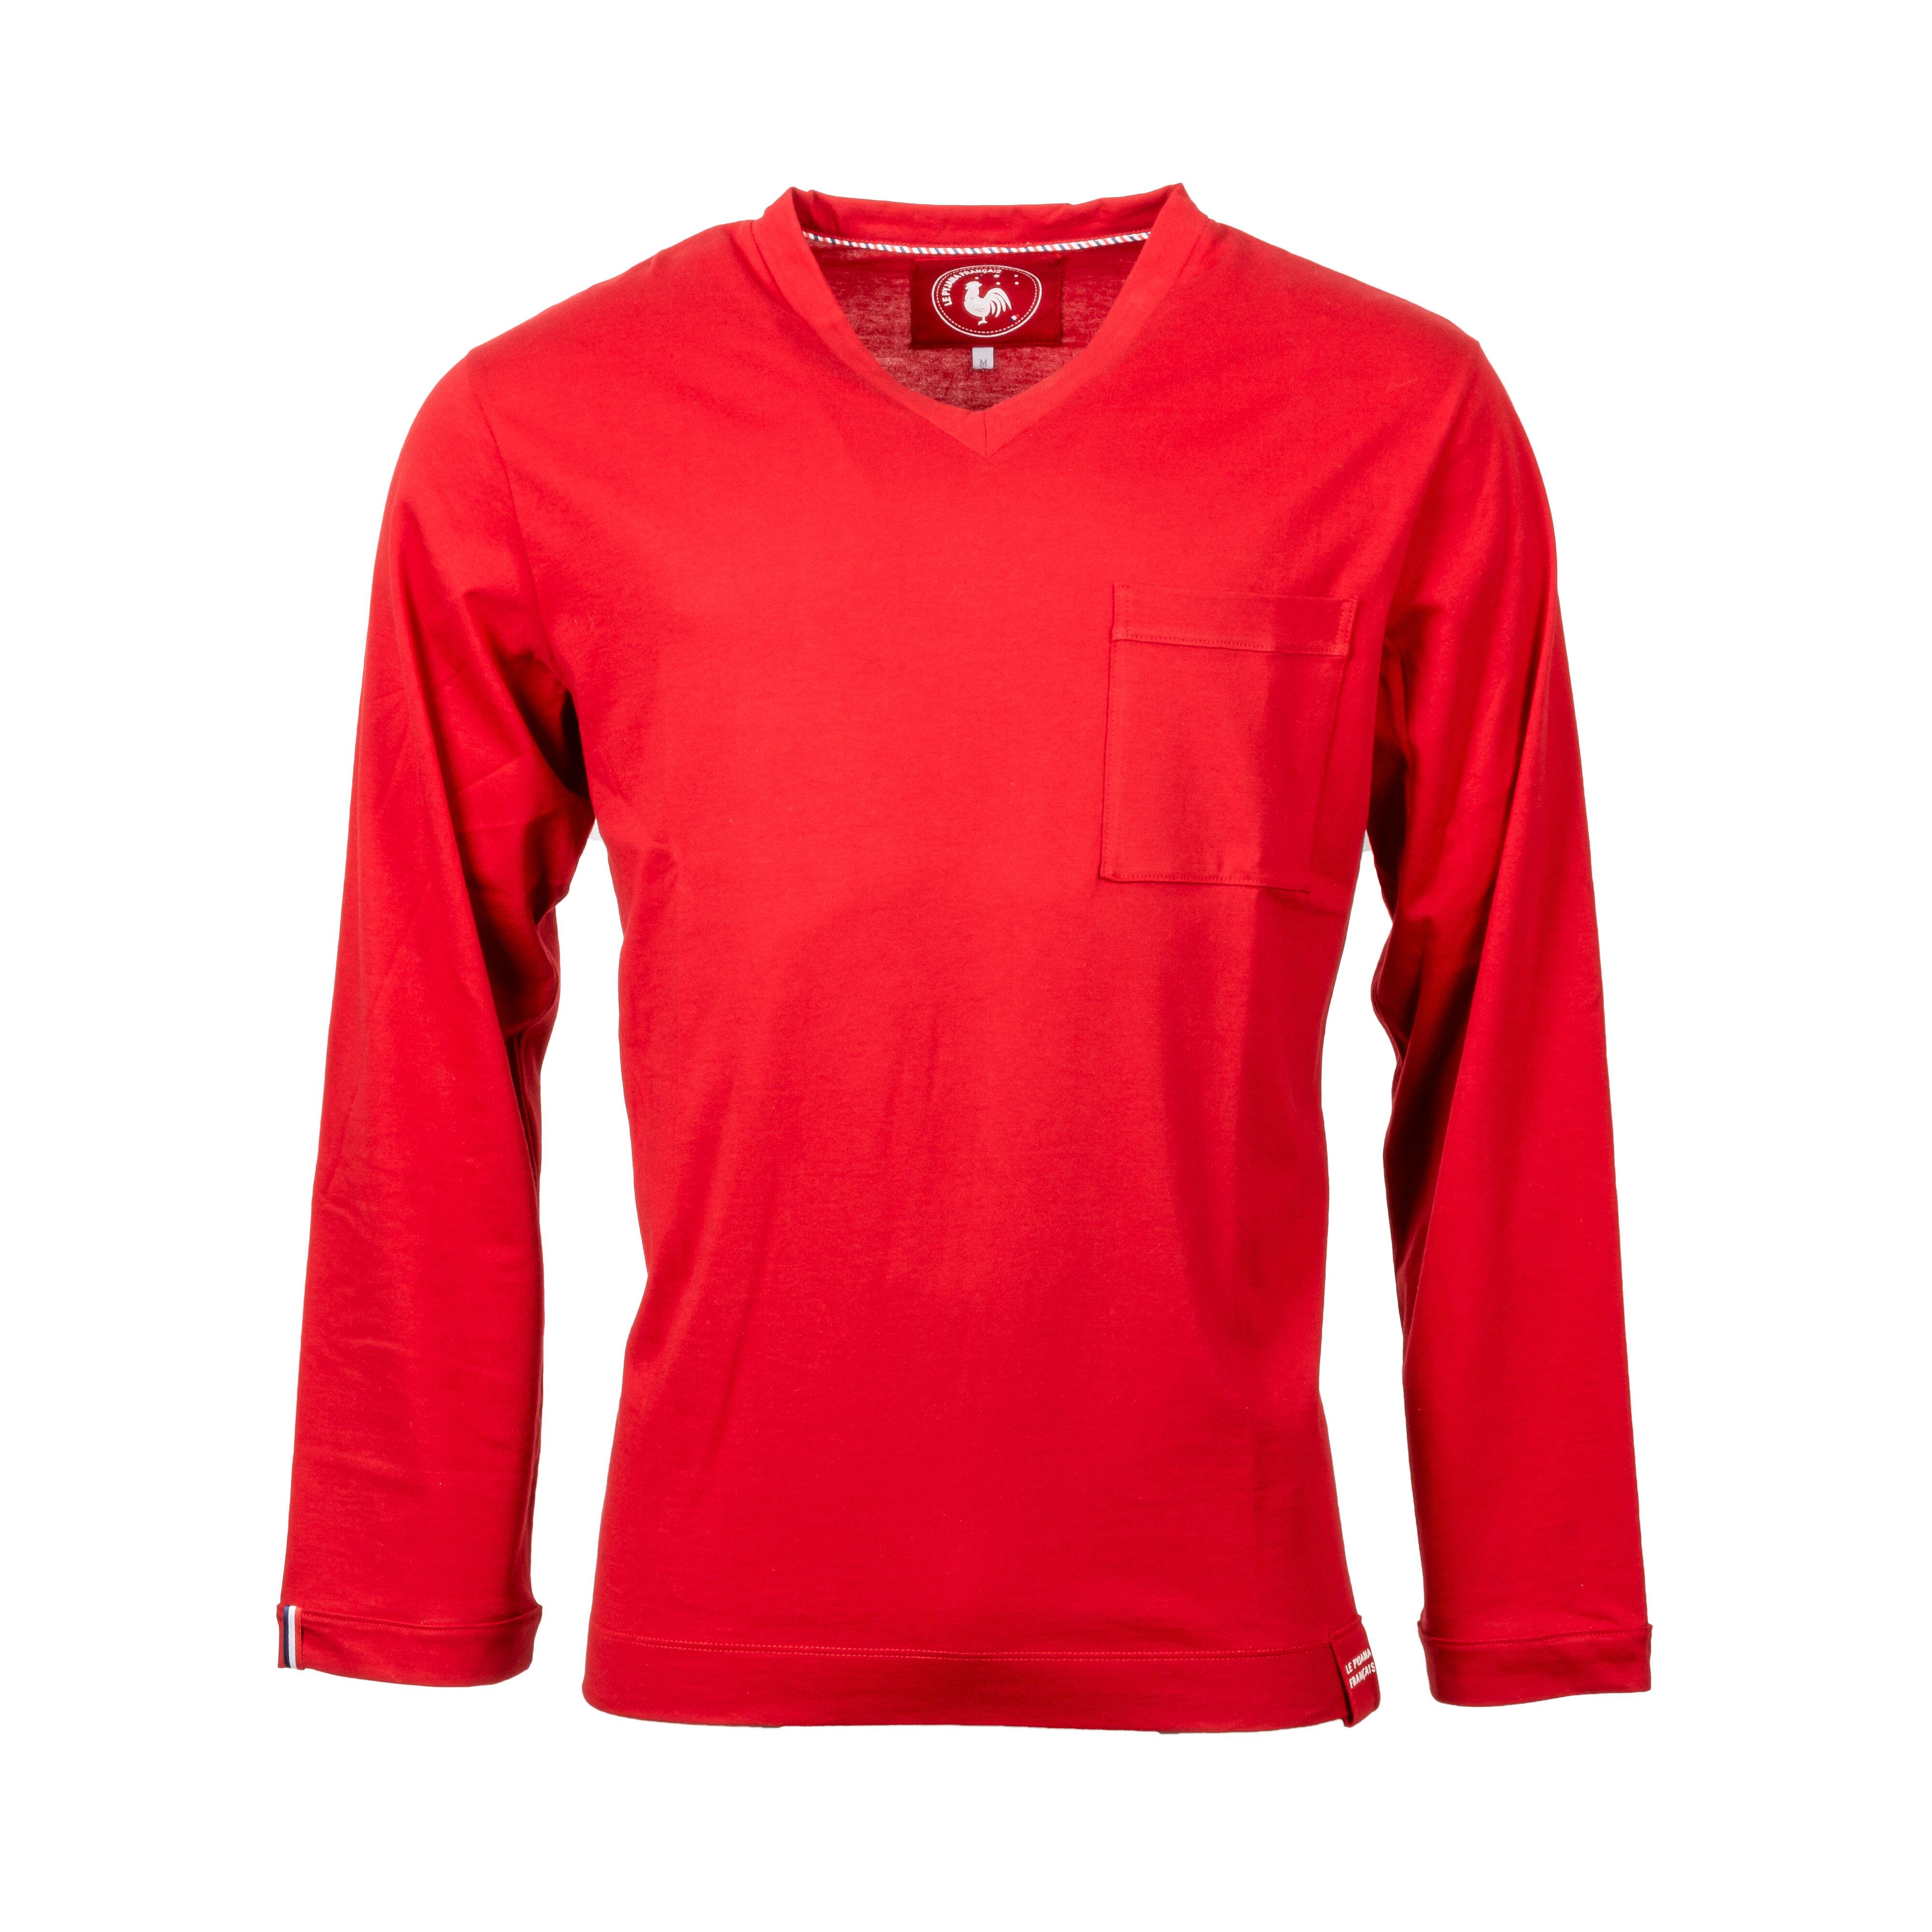 Le Pyjama Français Tee-shirt de pyjama manches longues Made in France Le Pyjama Français en coton rouge - ROUGE - L